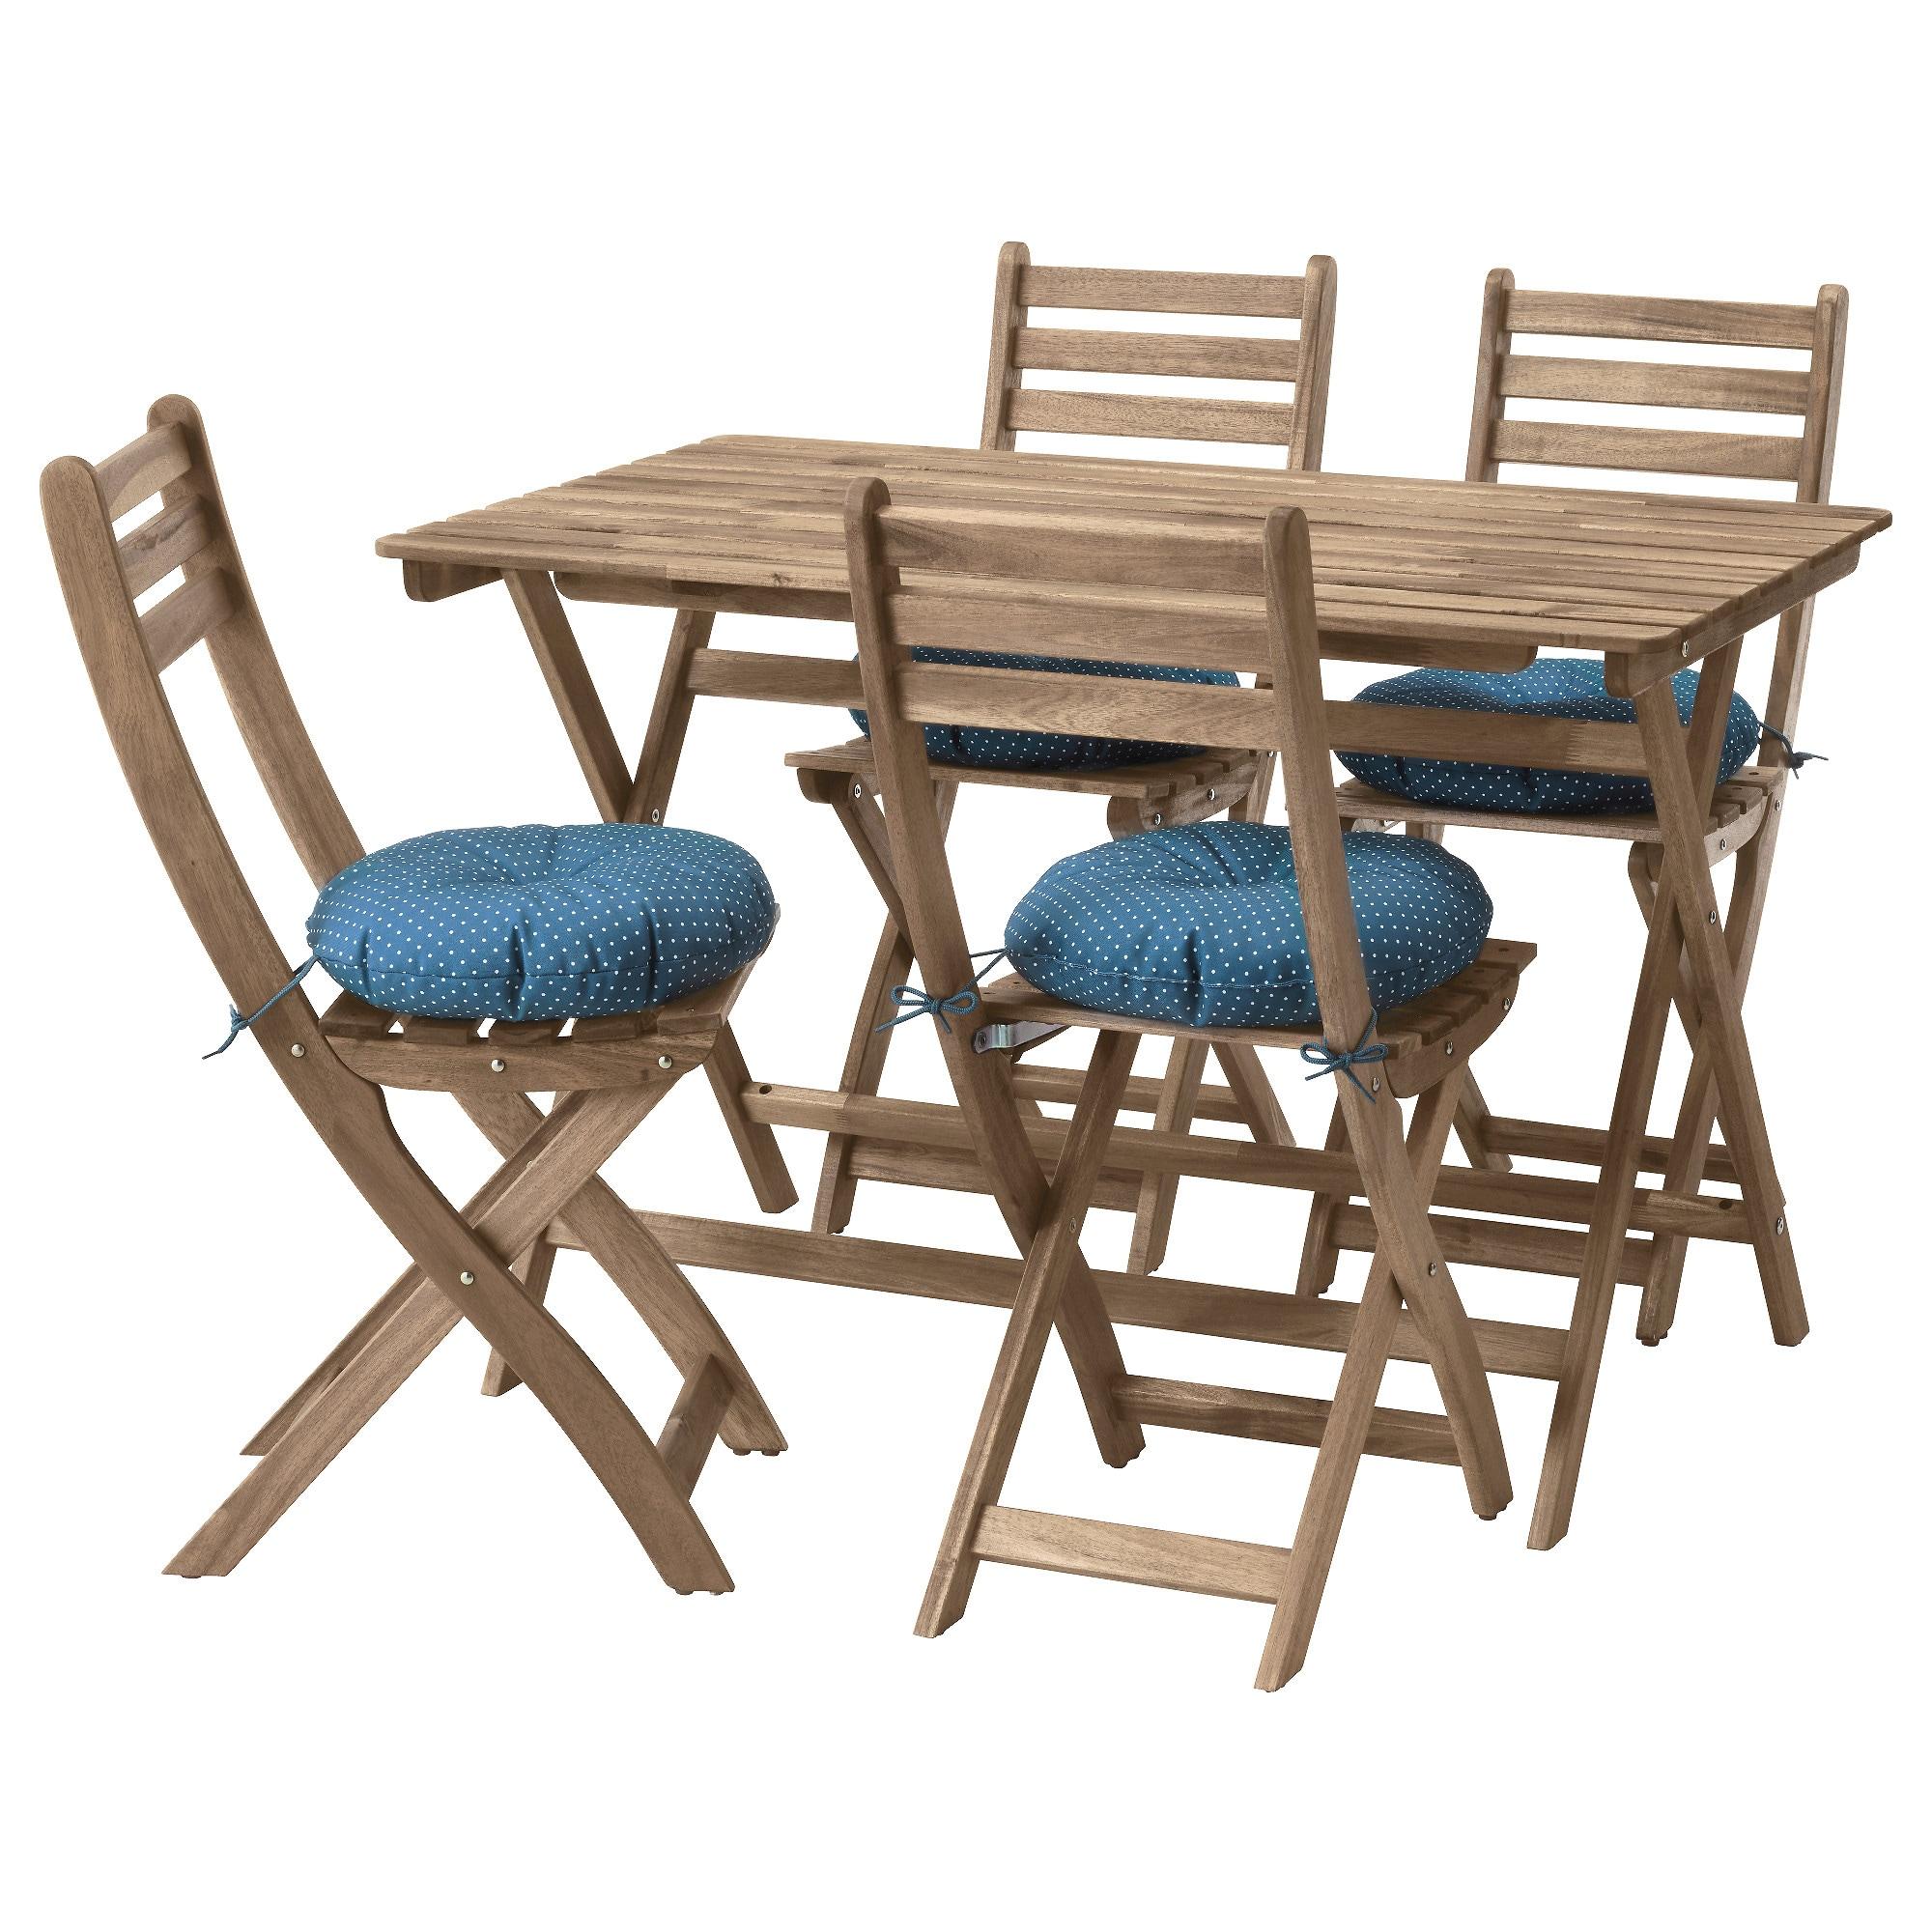 Стол + 4 стула, для сада АСКХОЛЬМЕН синий артикуль № 792.288.87 в наличии. Online каталог IKEA Республика Беларусь. Быстрая доставка и соборка.